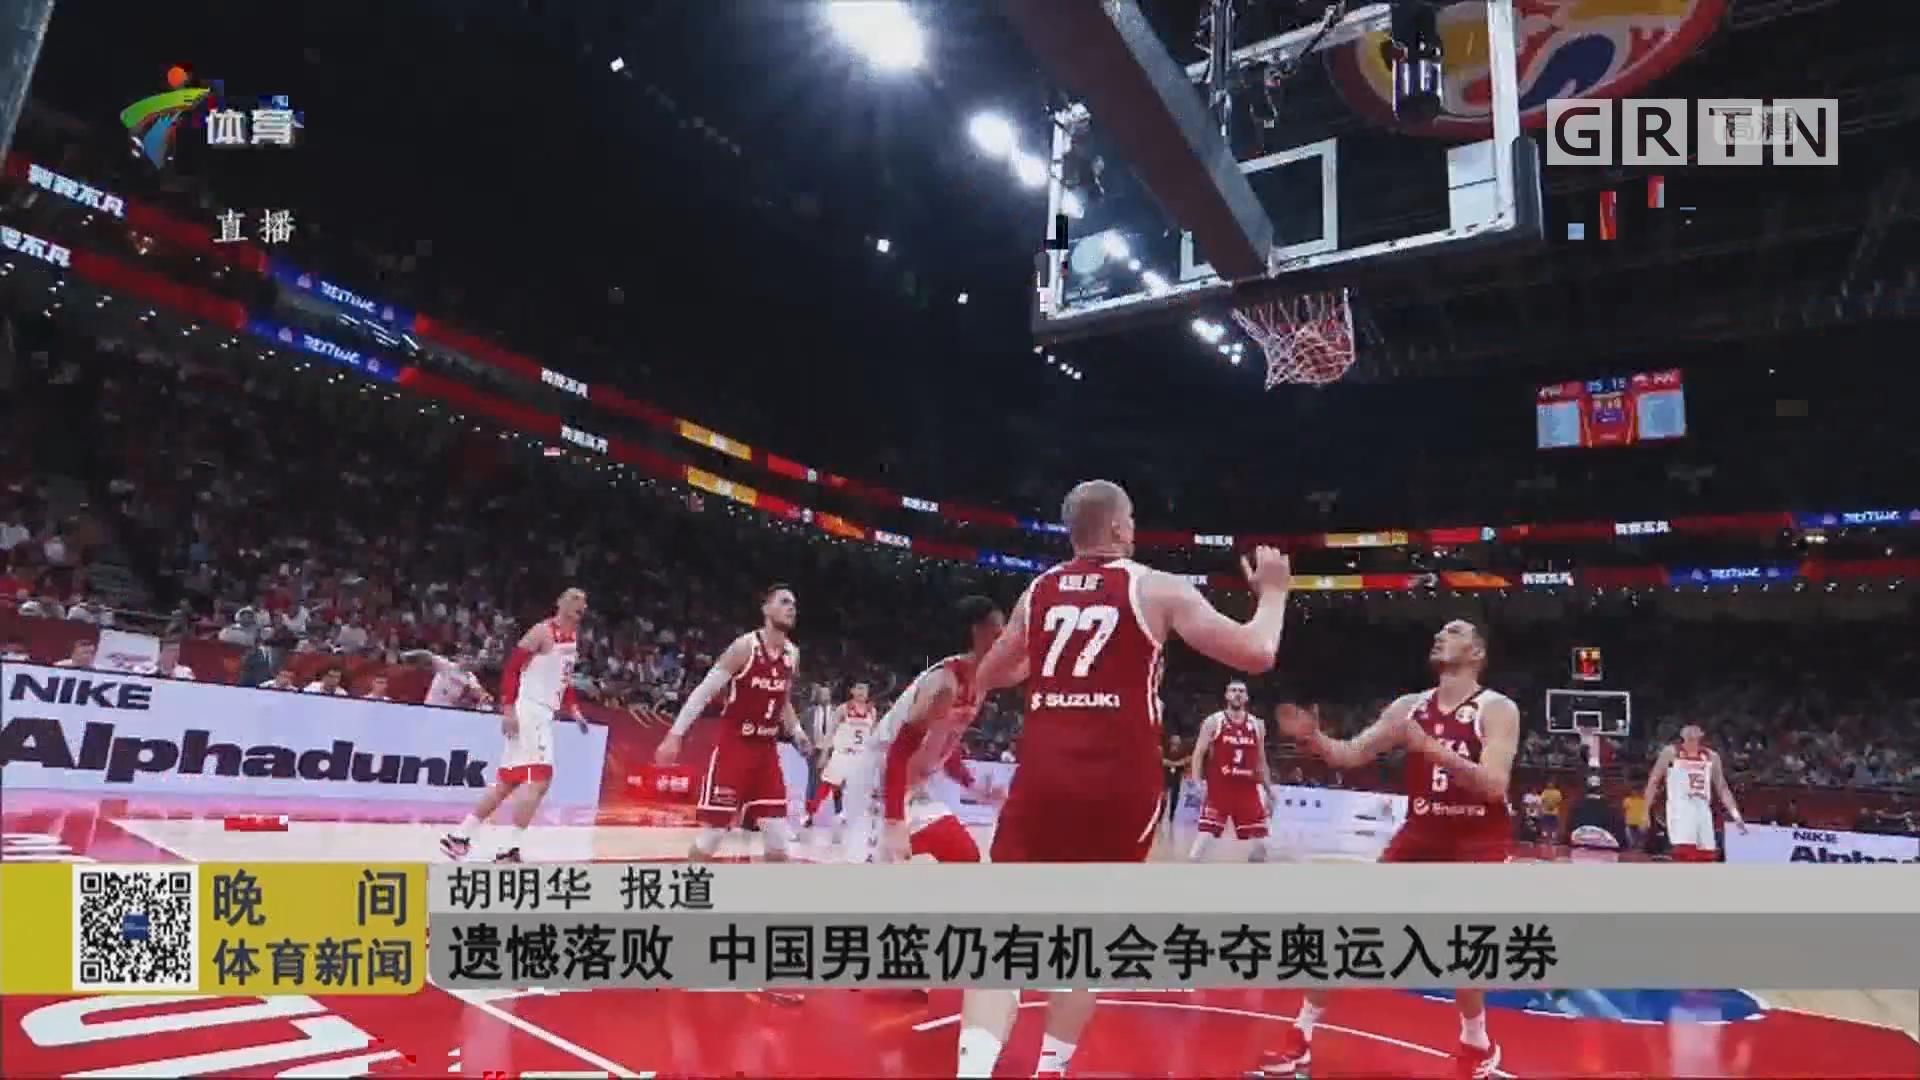 遗憾落败 中国男篮仍有机会争夺奥运入场券